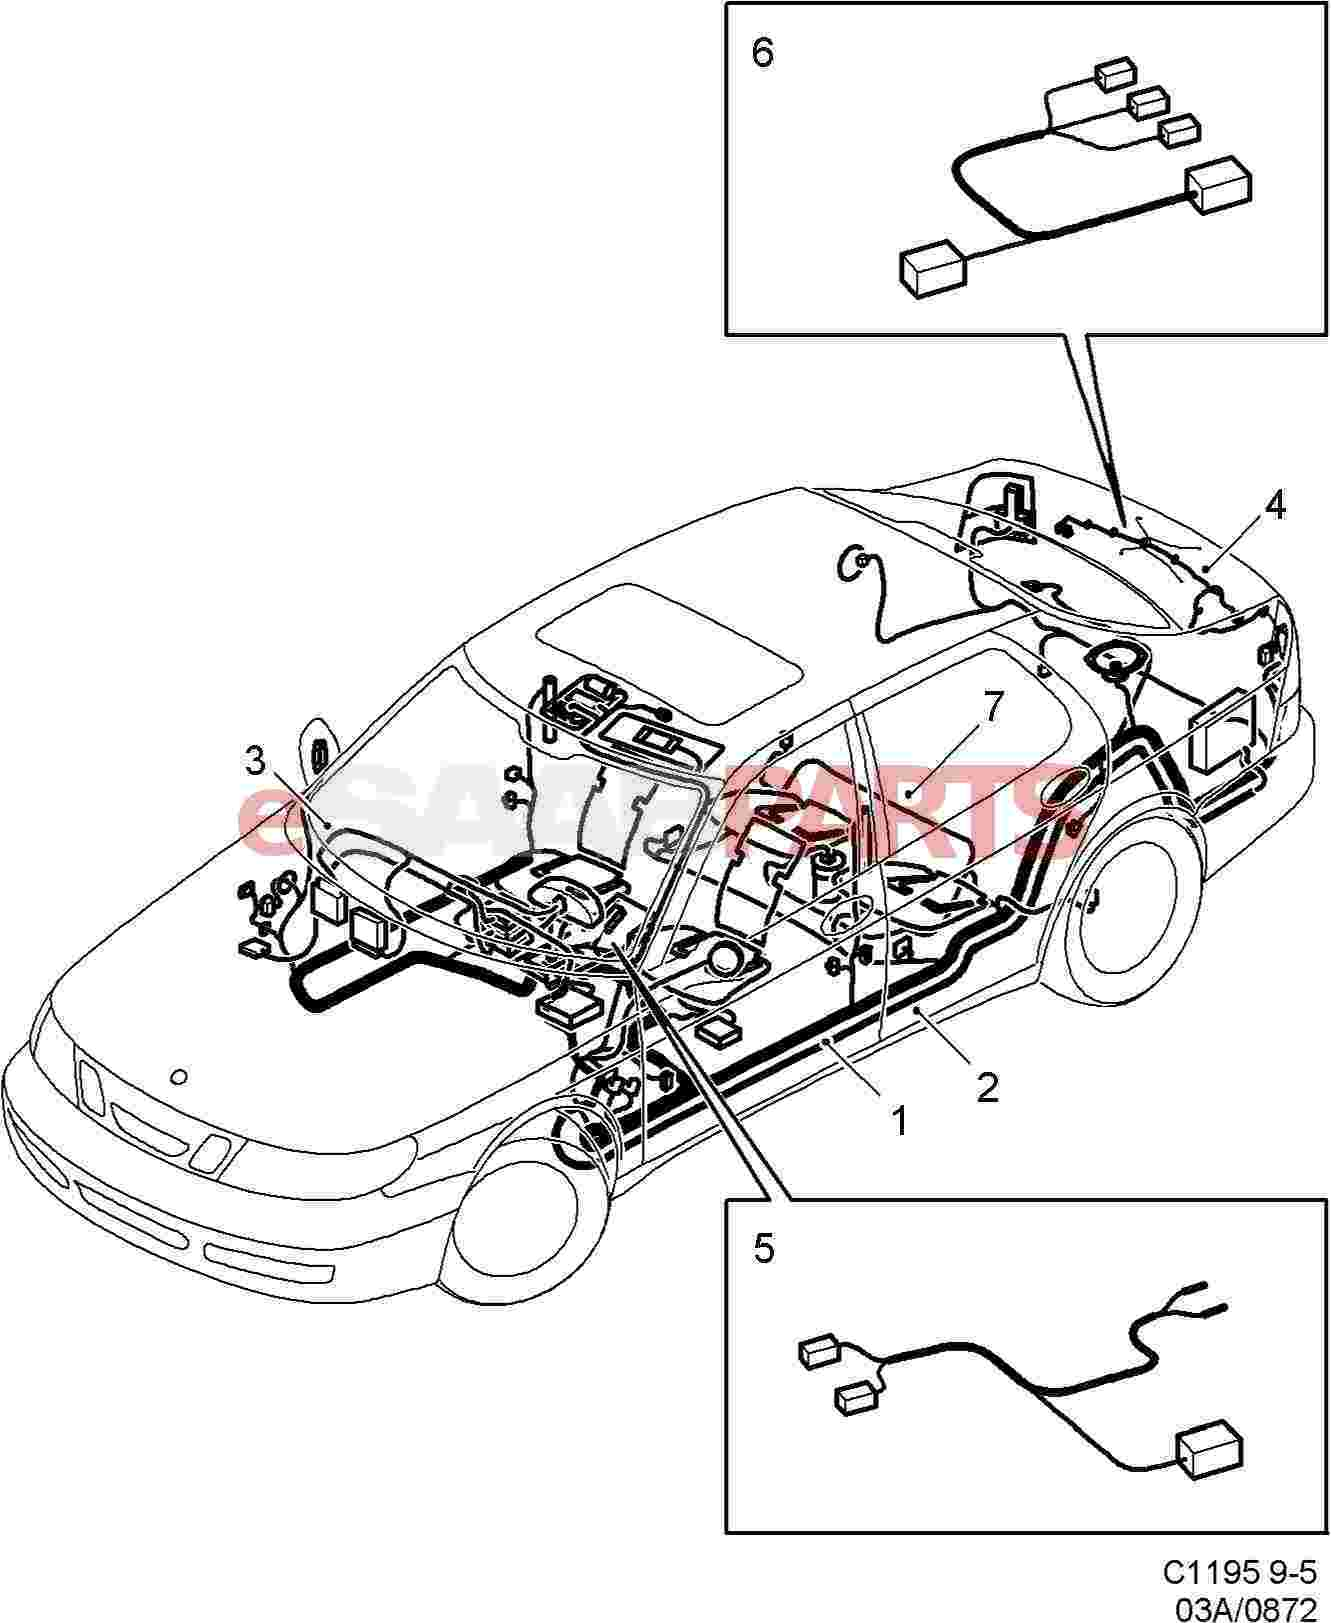 esaabparts com saab 9 5 (9600) \u003e electrical parts \u003e wiring saab 900 convertible wiring electrical wiring diagrams saab 9 5 #12